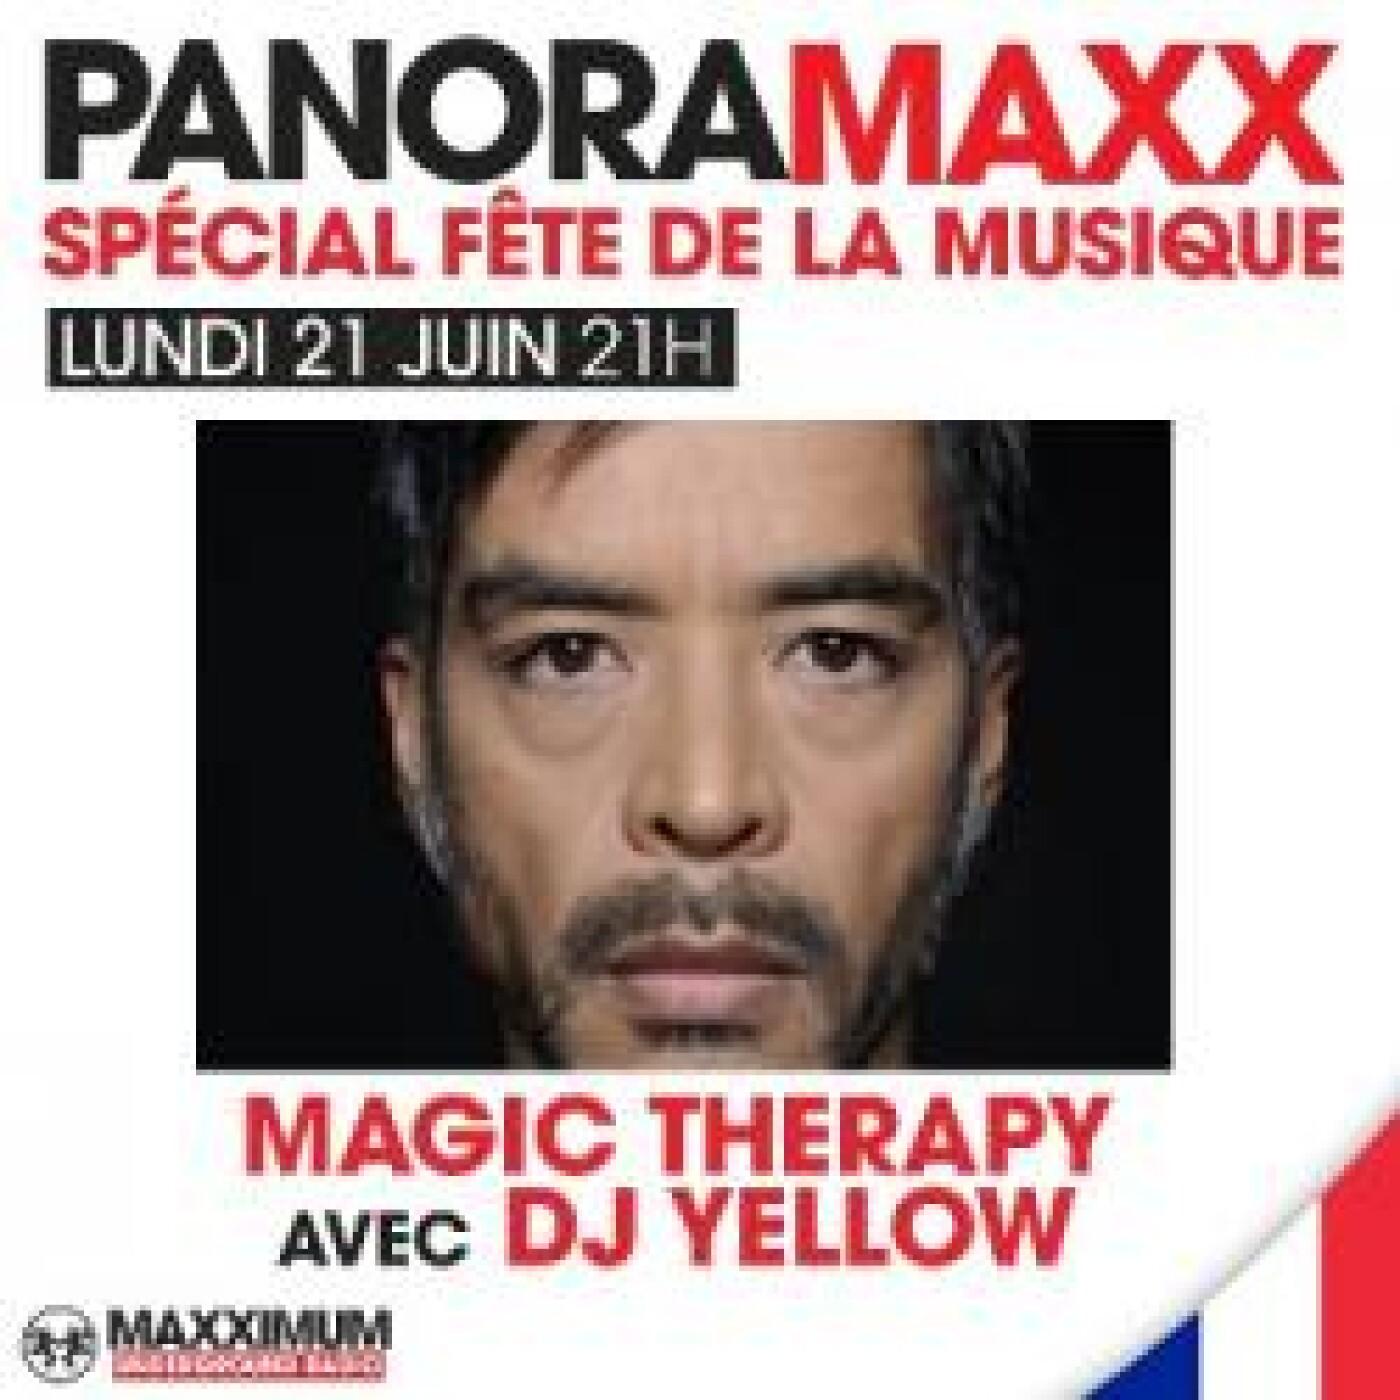 PANORAMAXX : DJ YELLOW